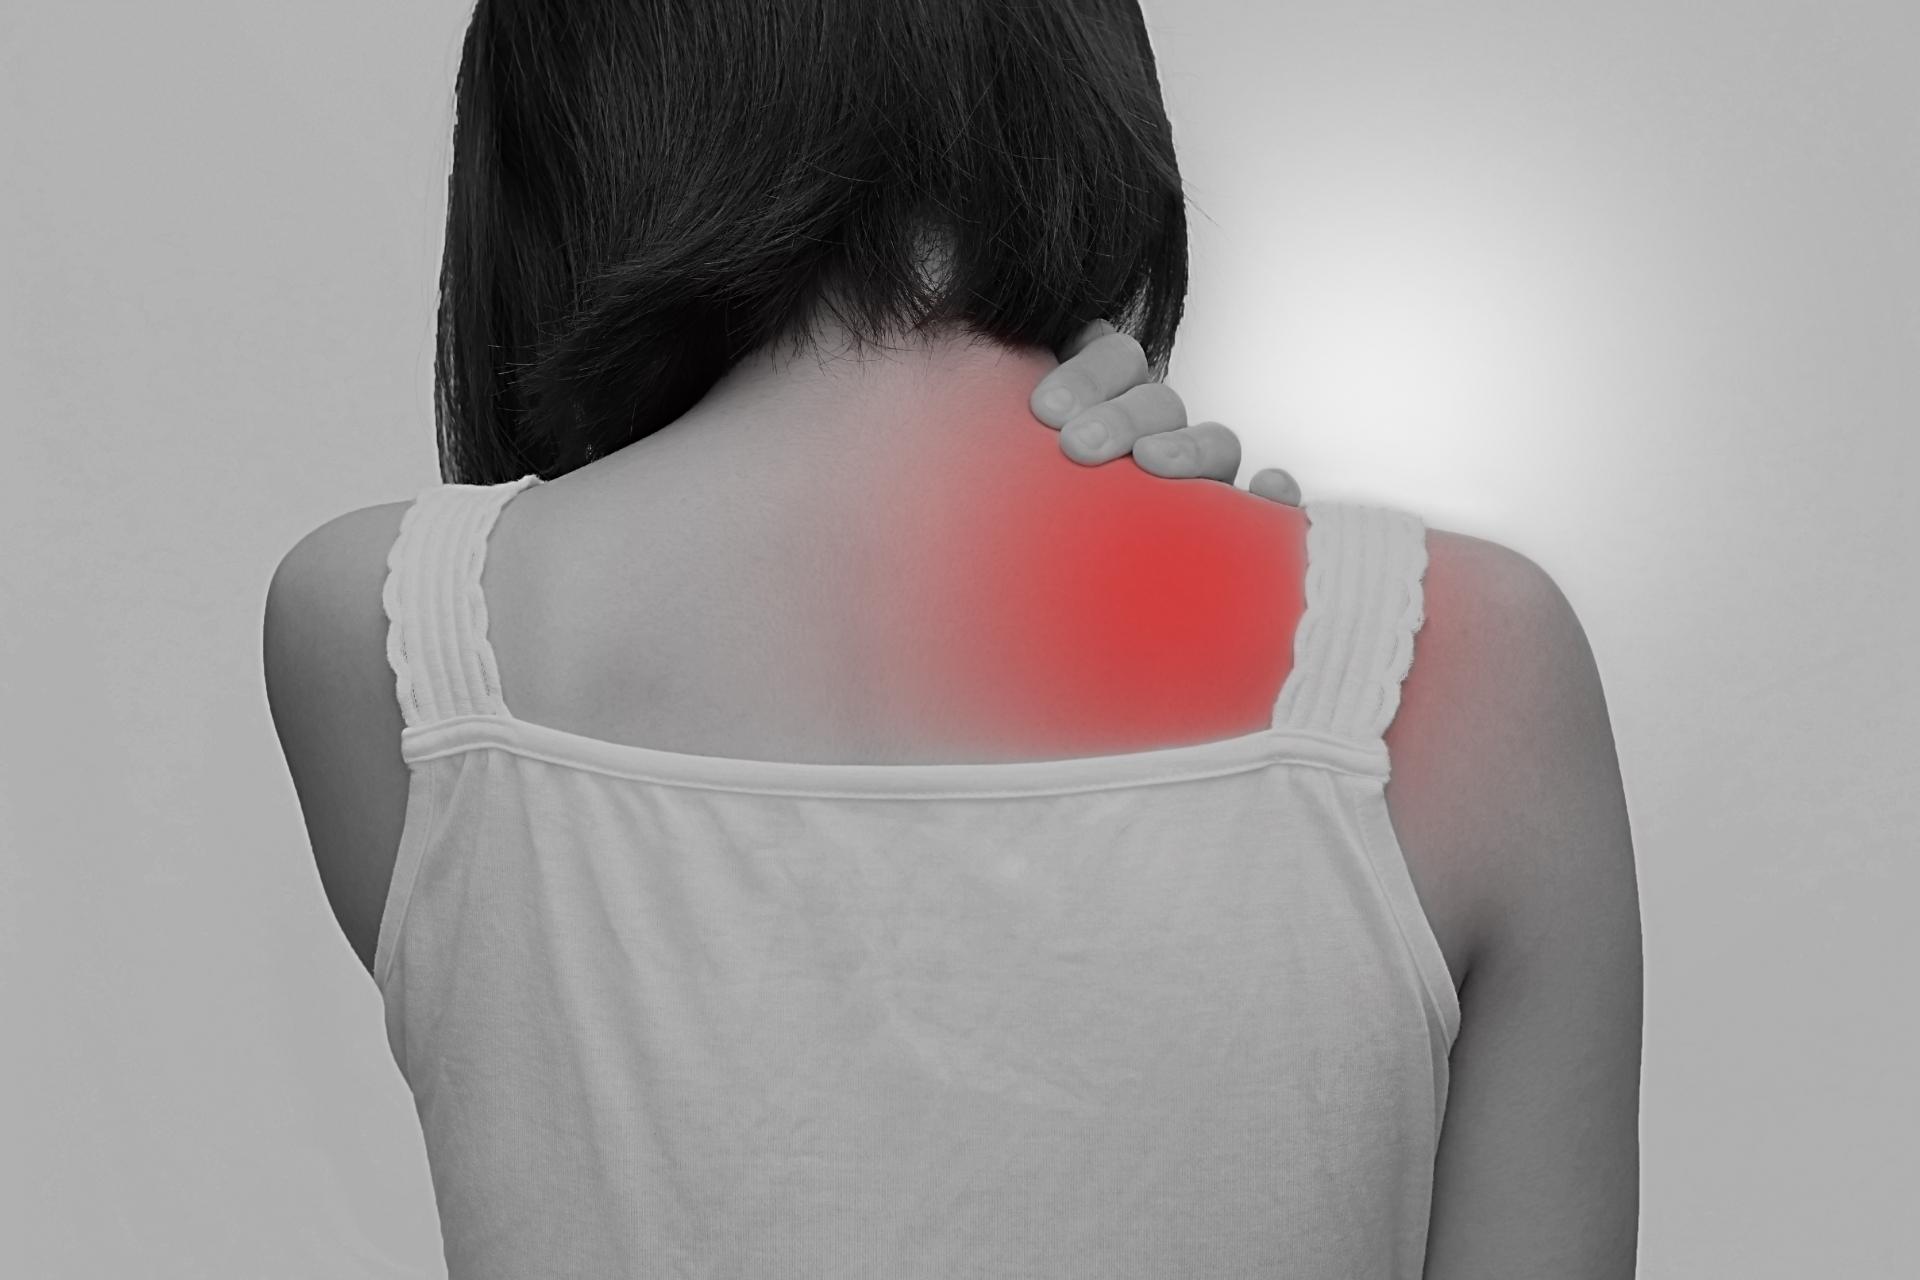 肩こり・首こり・肩甲骨のこり「揉み返し」の対処法の誤解